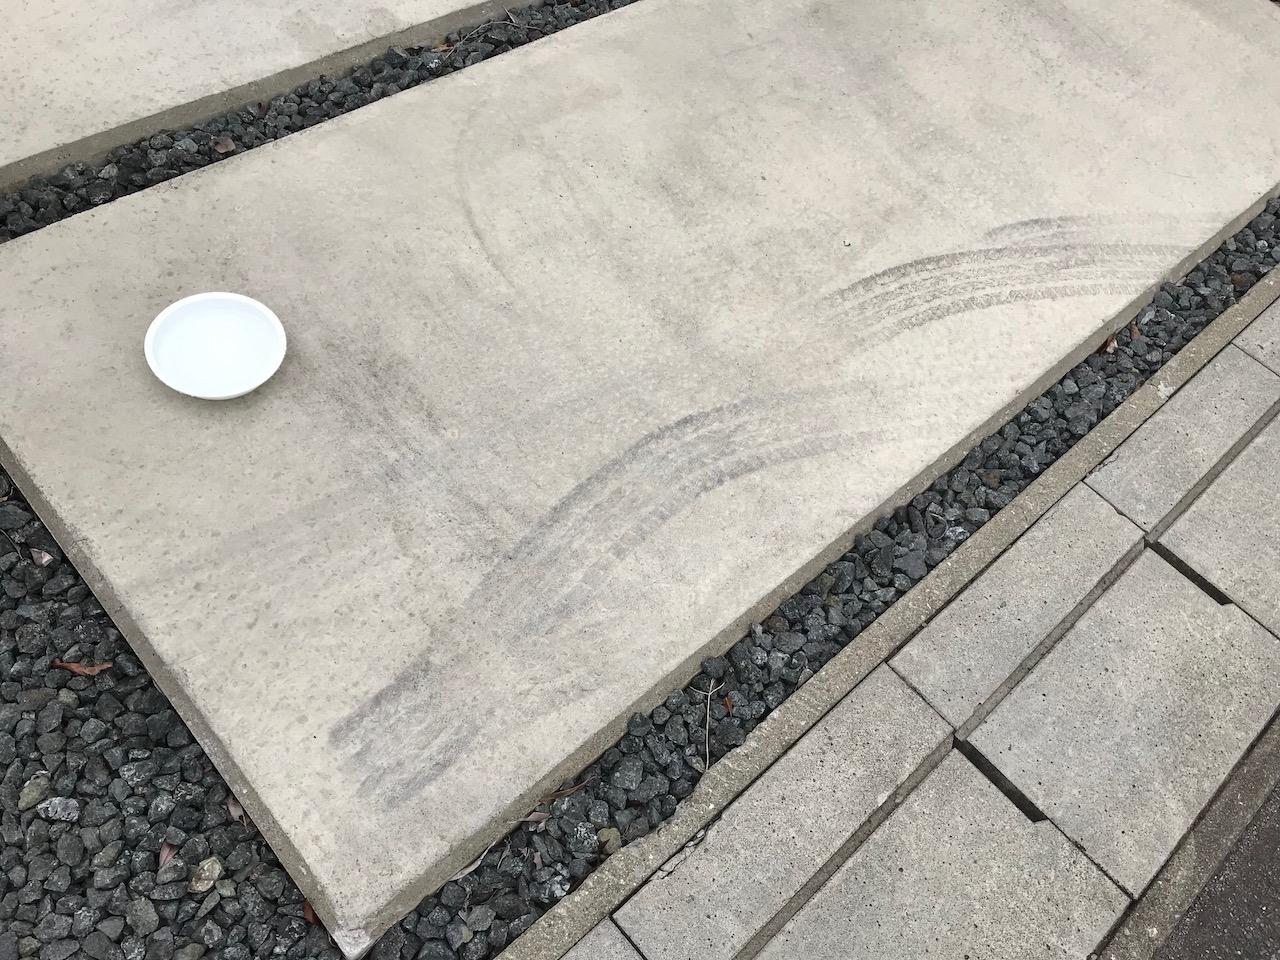 しっかりとついたコンクリートのタイヤ痕